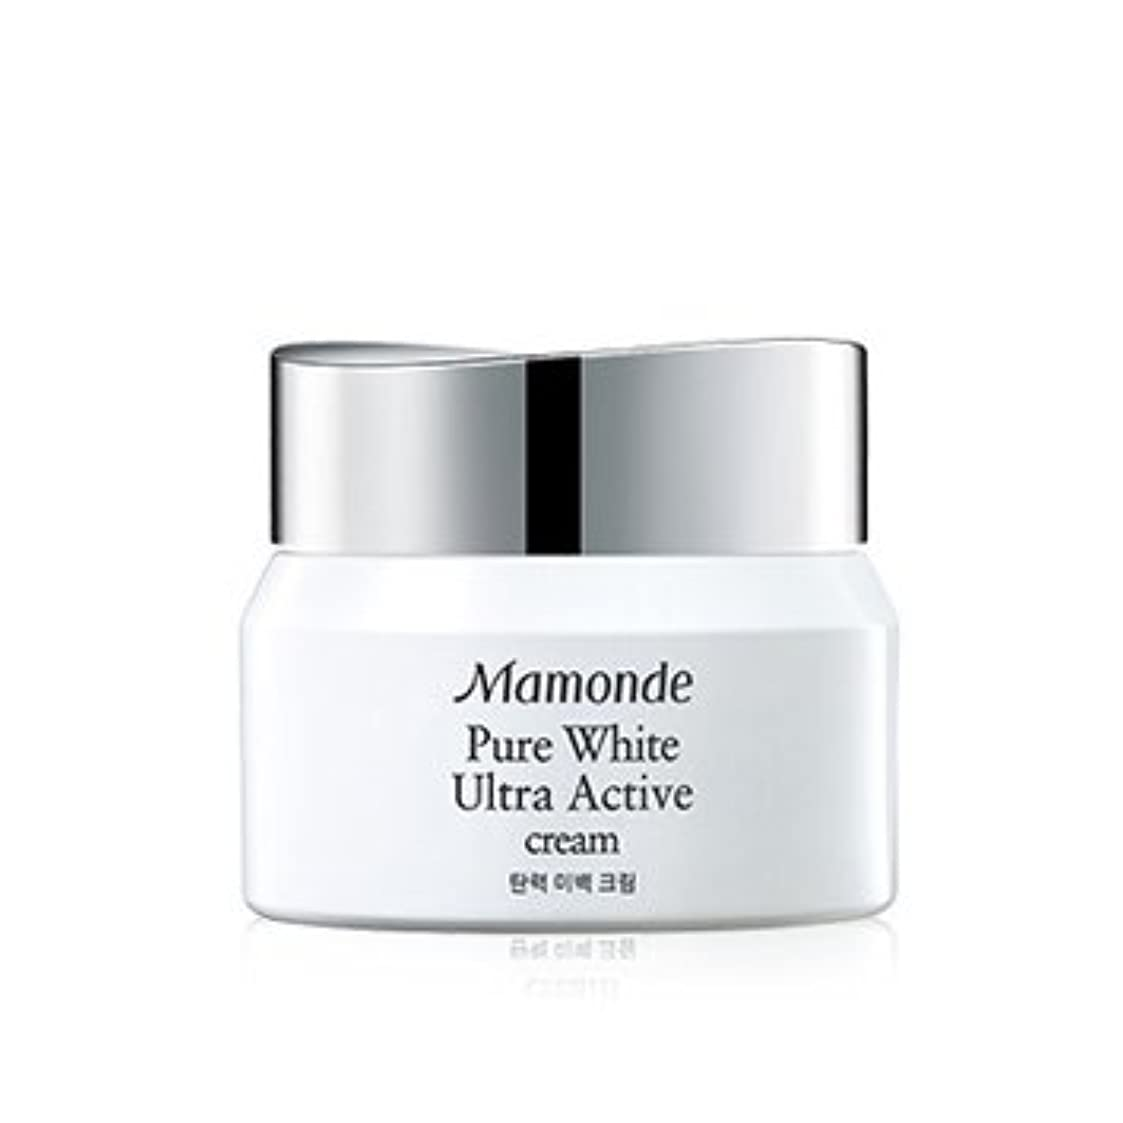 インシデント動かす配送Mamonde Pure White Ultra Active Cream 50ml/マモンド ピュア ホワイト ウルトラ アクティブ クリーム 50ml [並行輸入品]